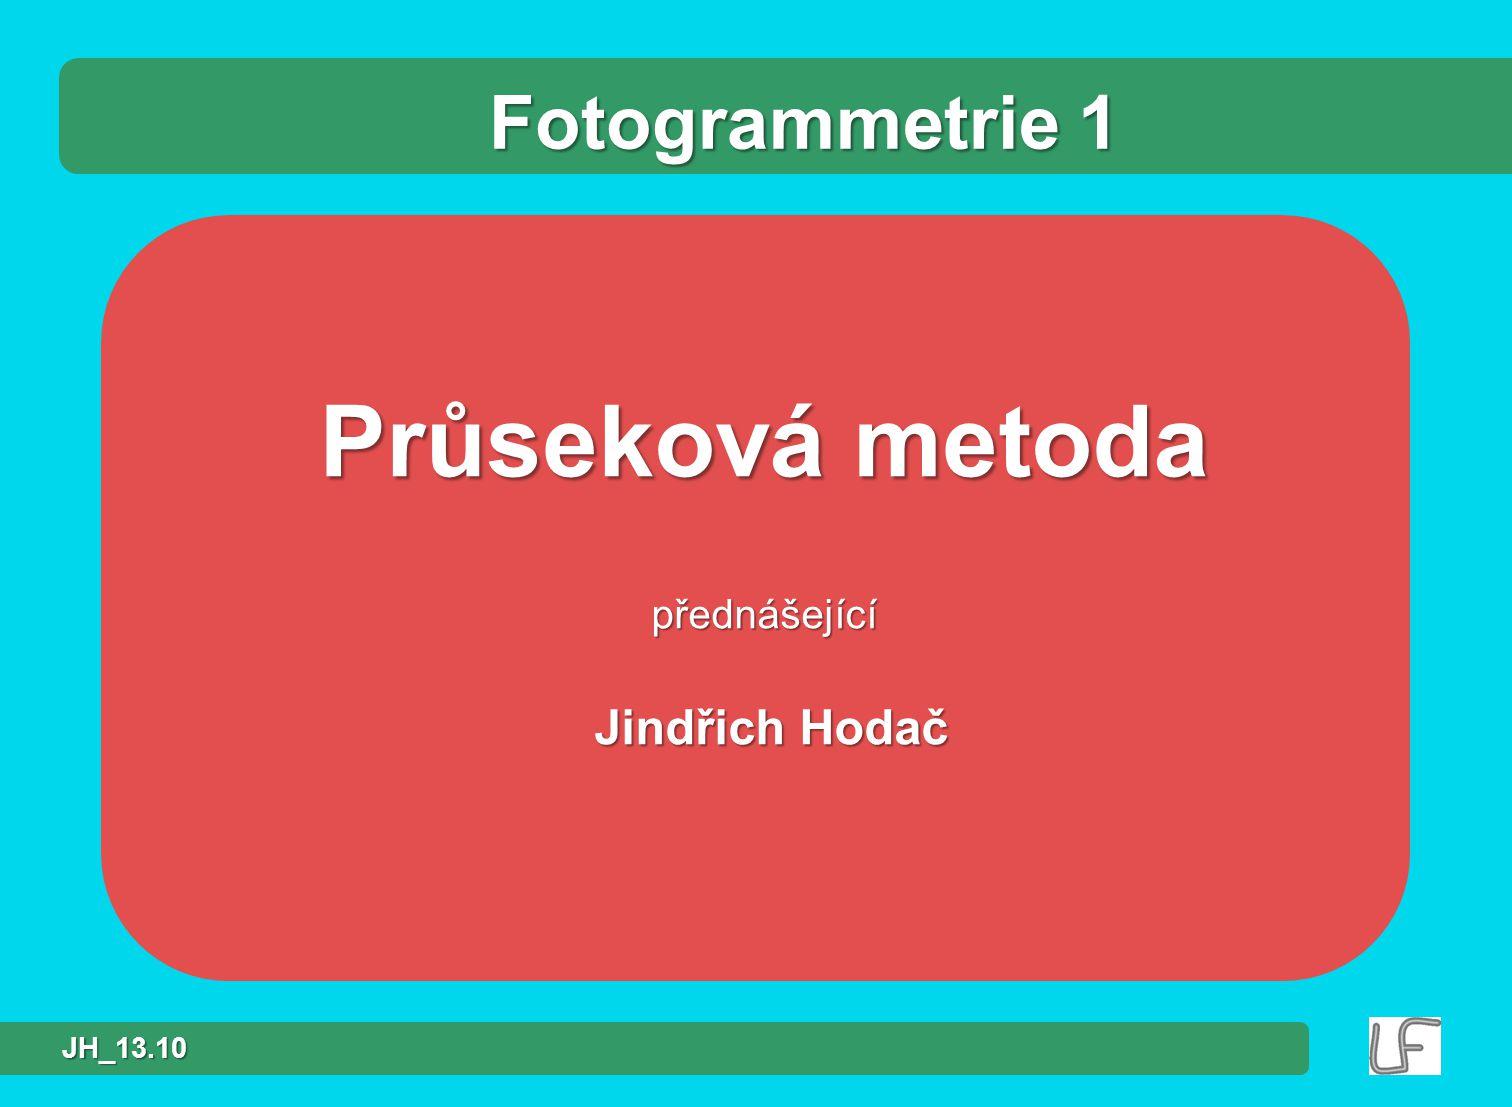 Fotogrammetrie 1 Průseková metoda přednášející Jindřich Hodač JH_13.10